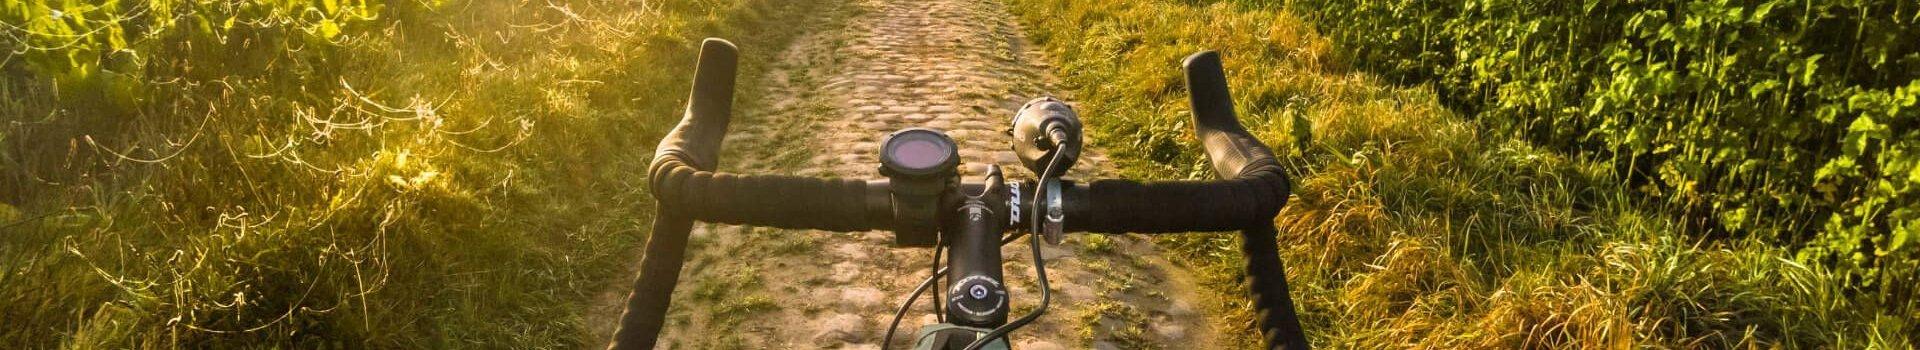 Rowery Gravel, które z pewnością zachwycą Tatę-kolarza